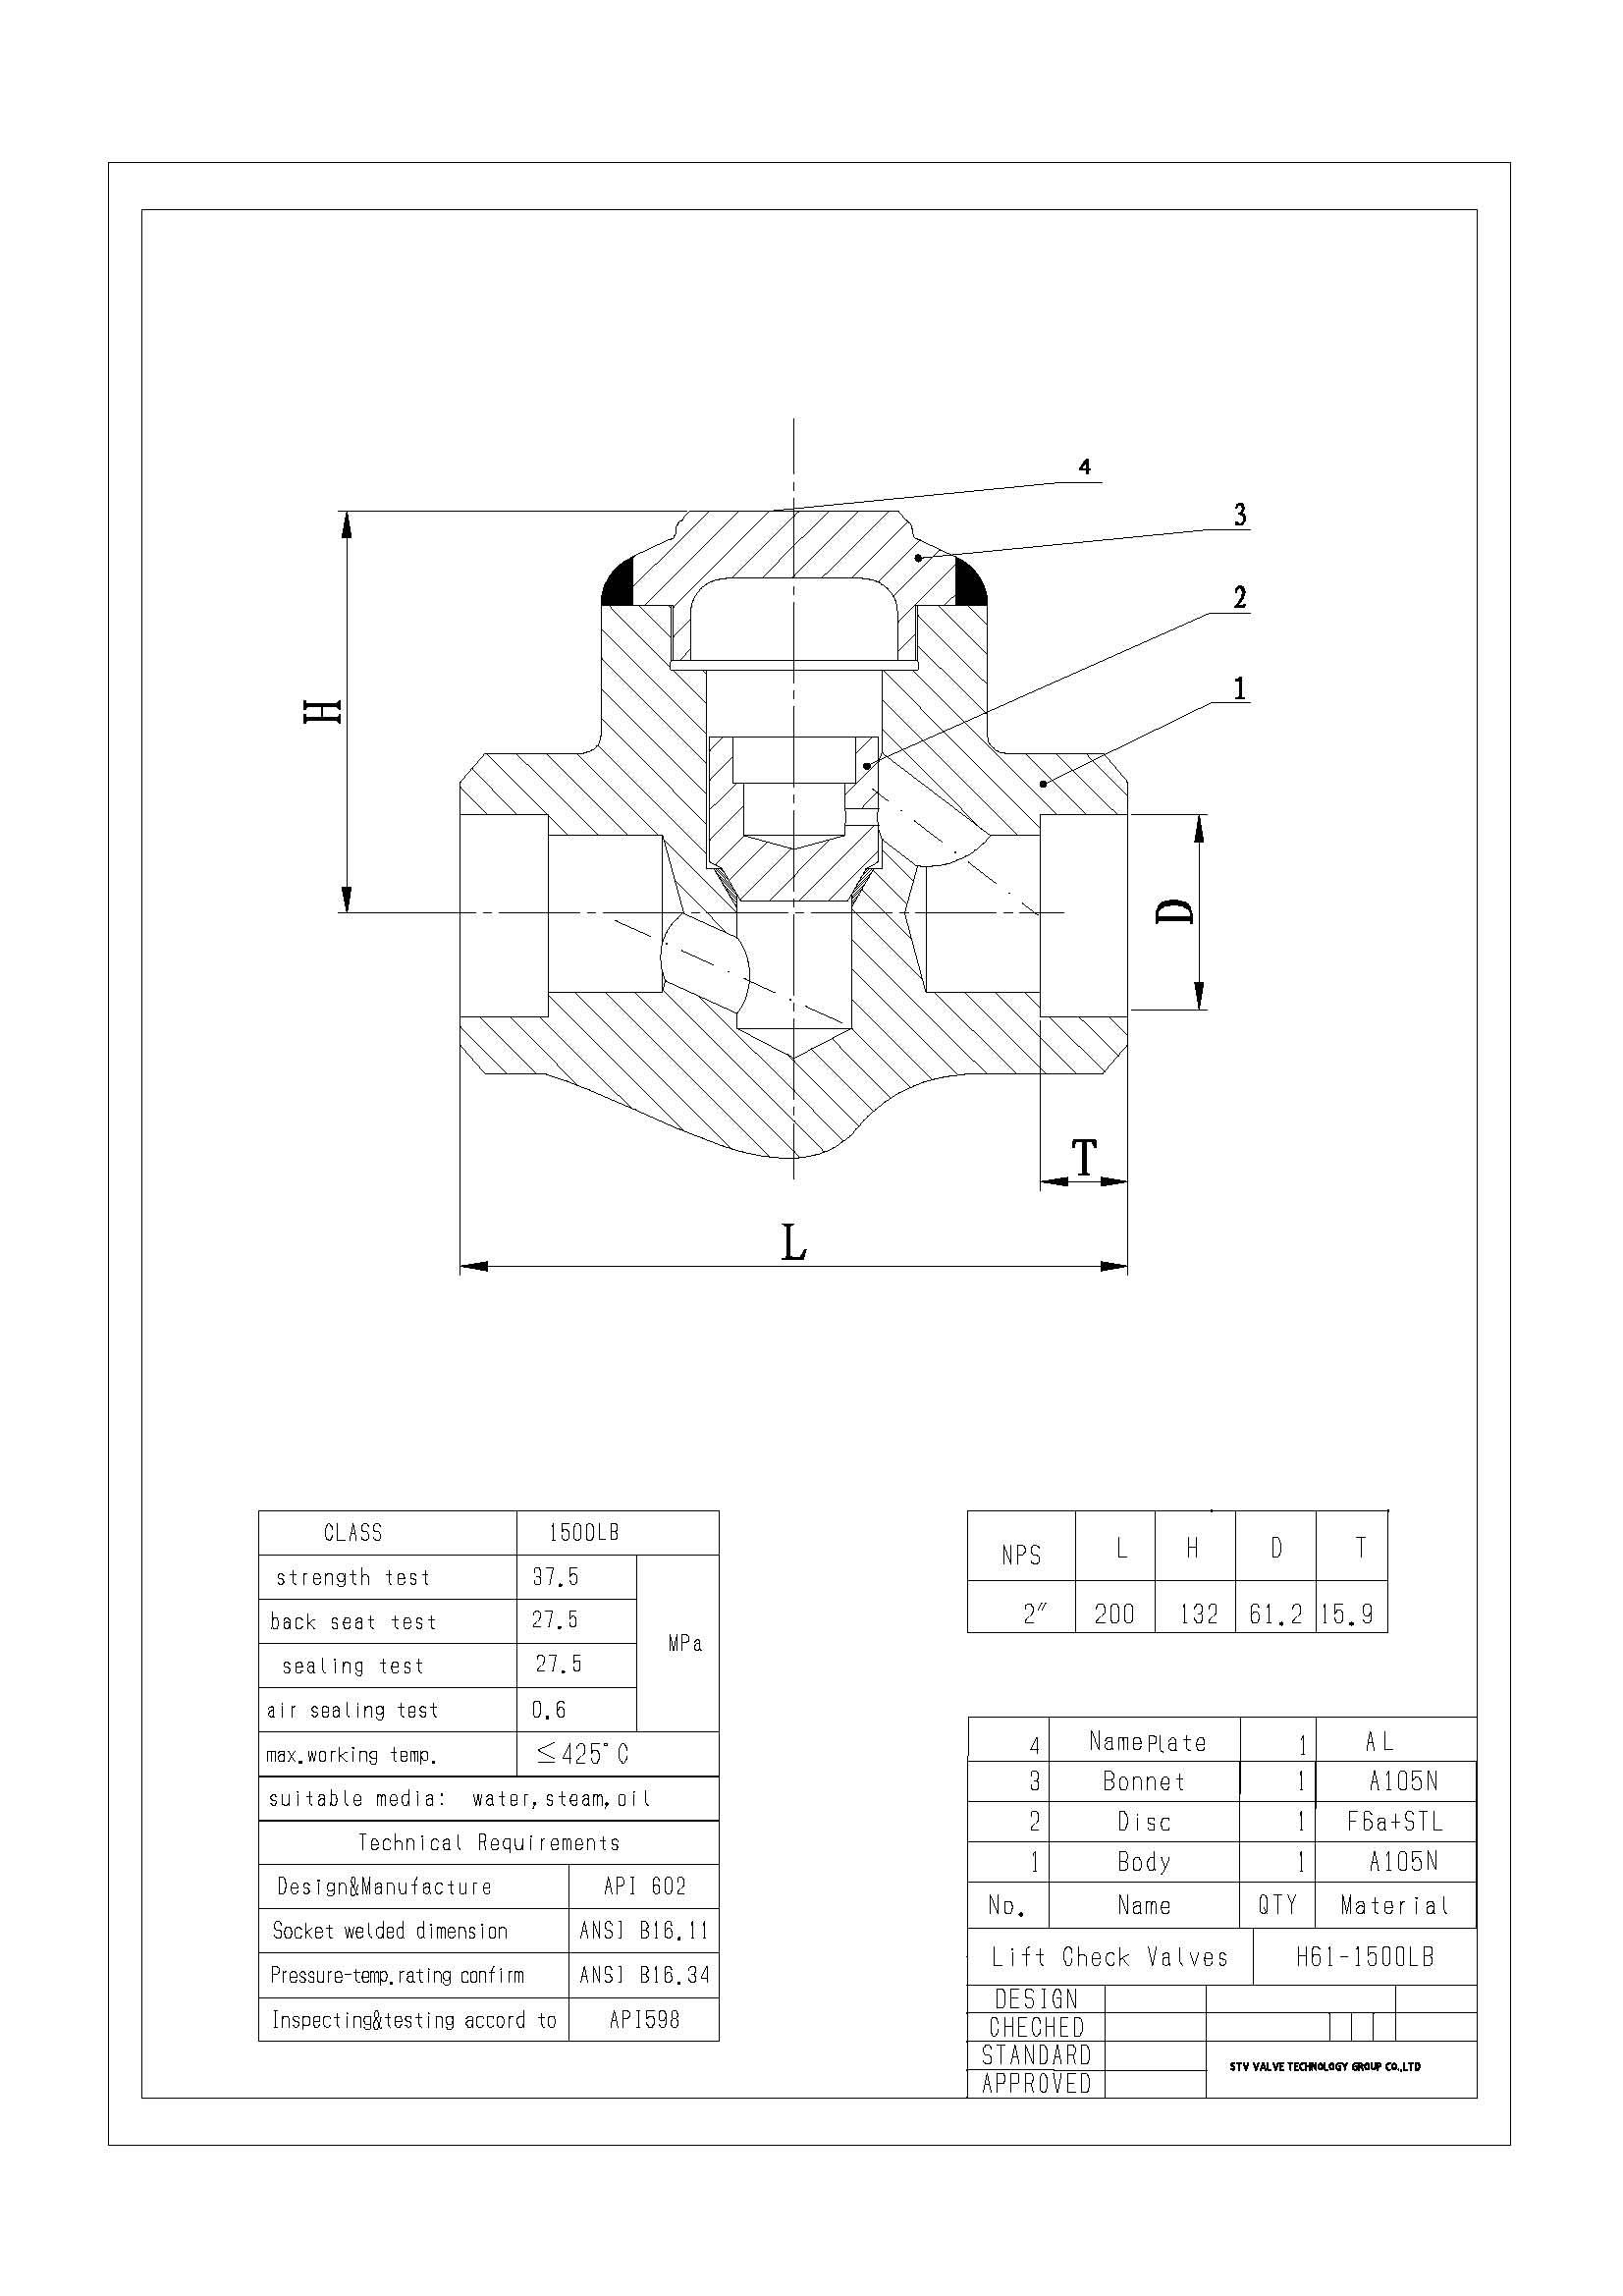 Api 602 Lift Check Valve Lb A105n Dn25 Sw End China